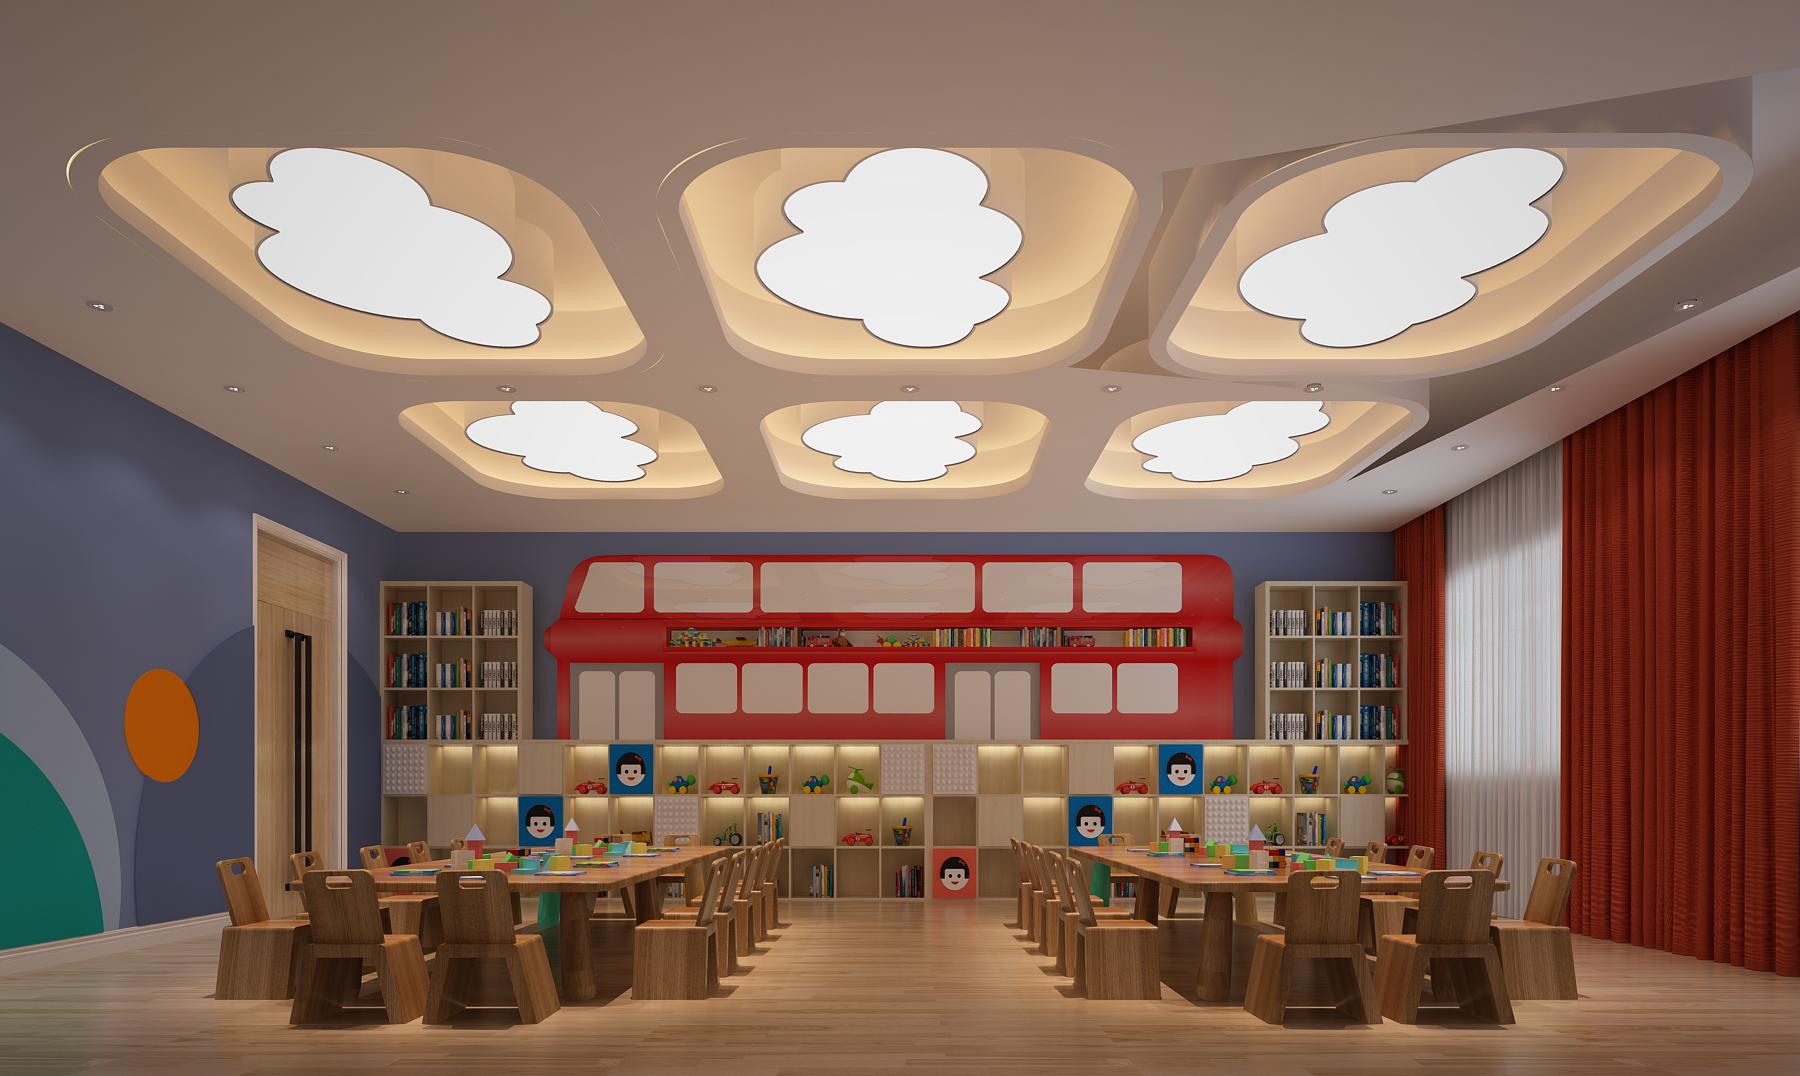 幼儿园设计多功能厅的延展利用